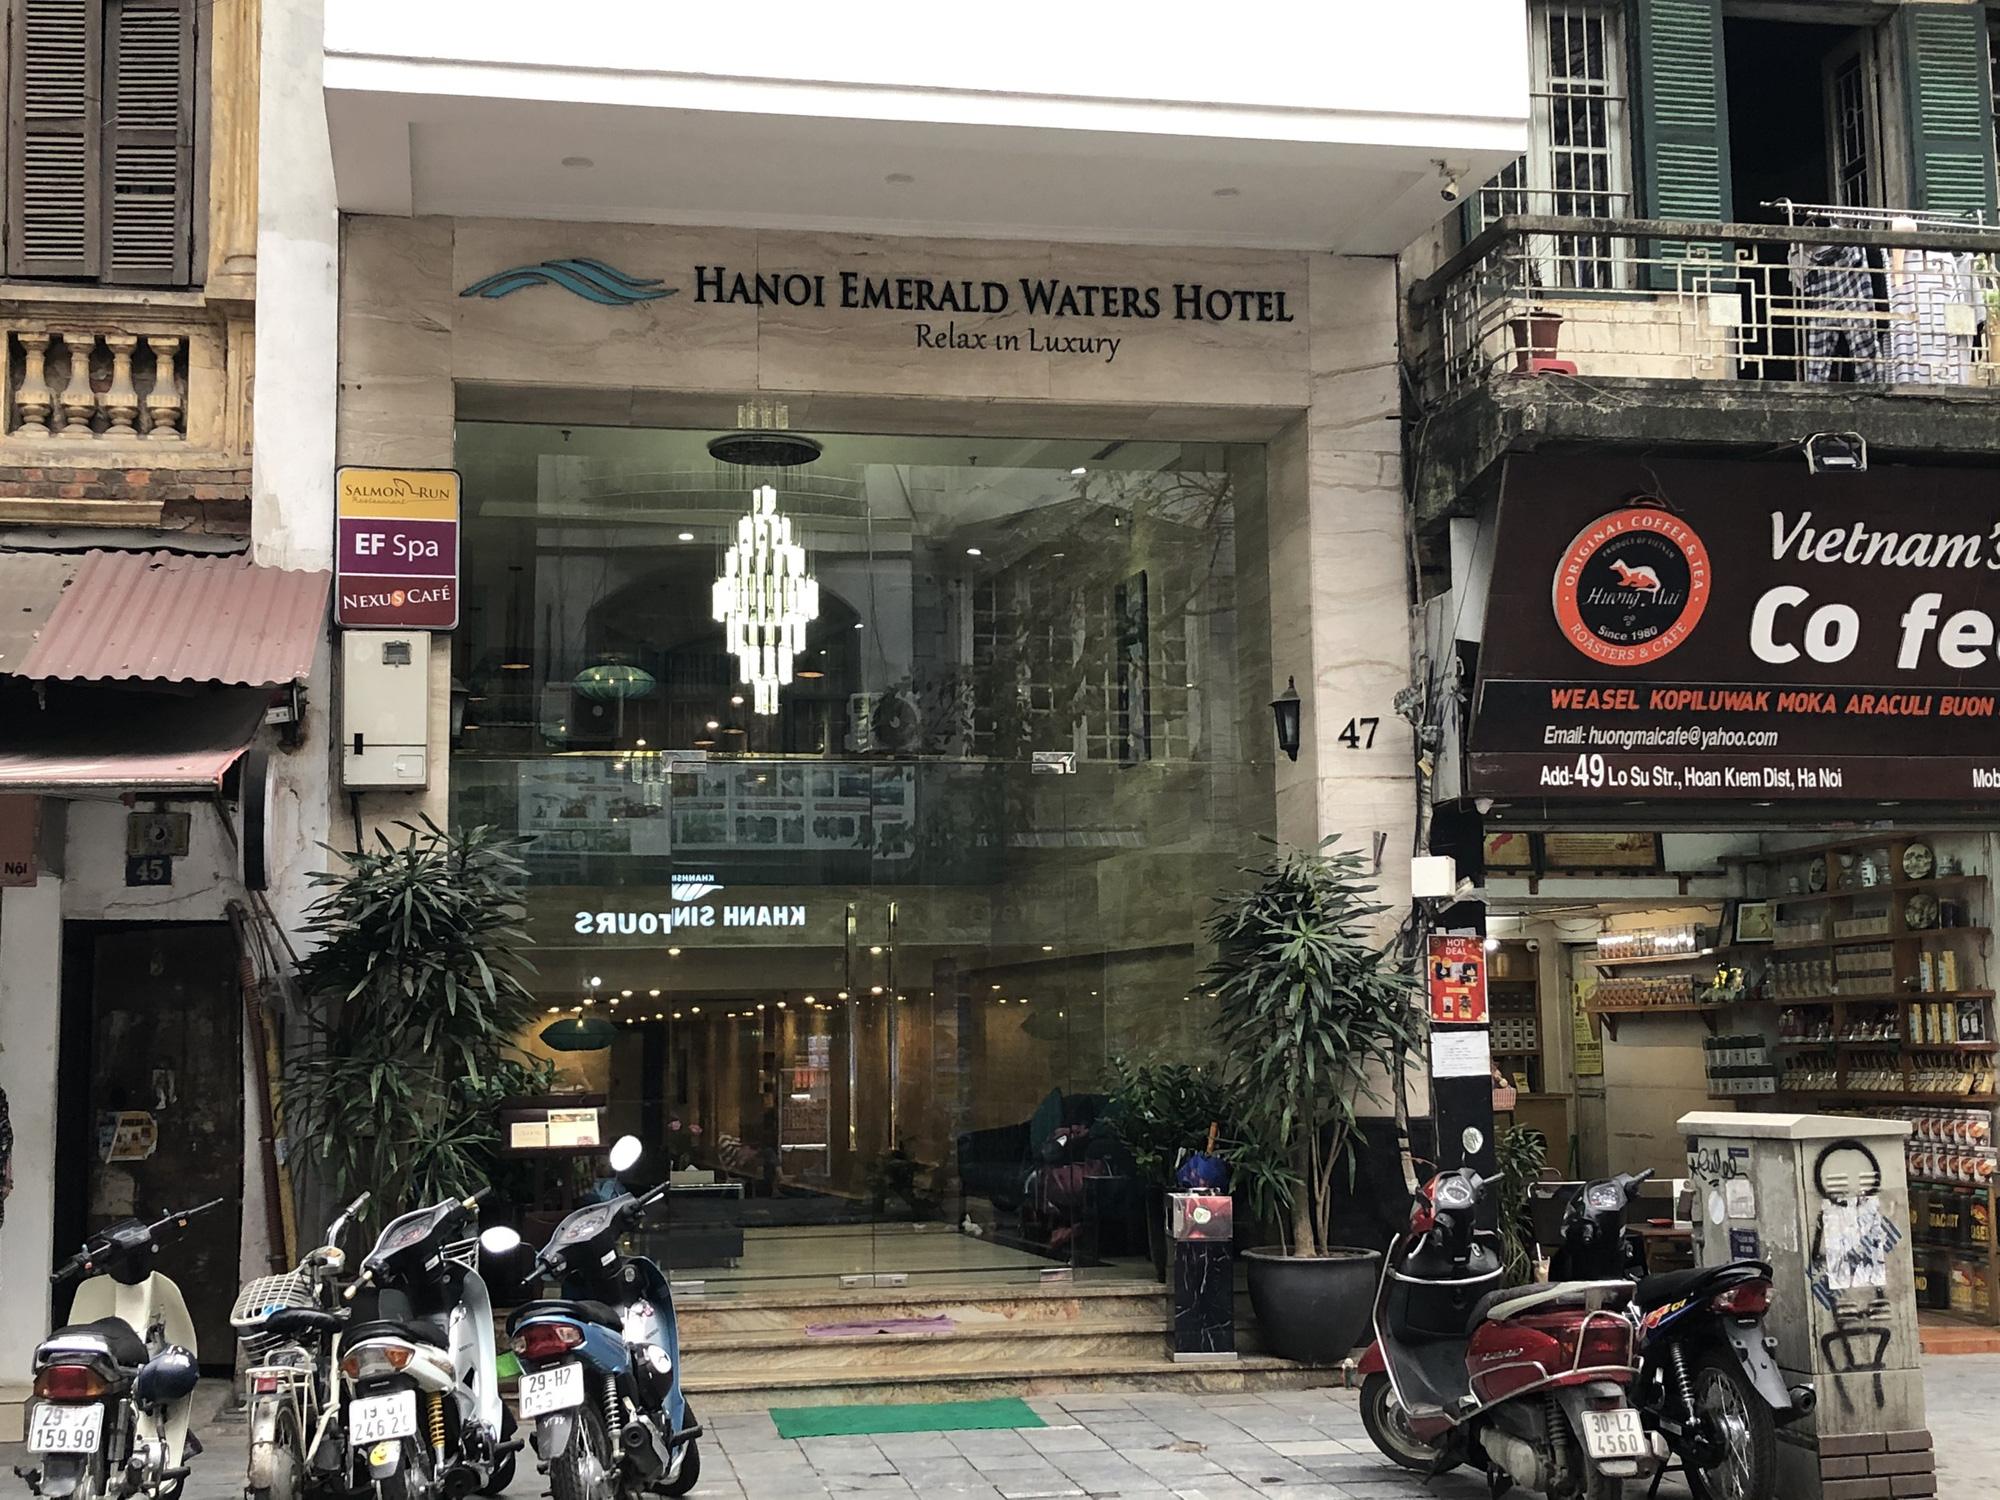 Hàng loạt khách sạn phố cổ Hà Nội đóng cửa, nhiều nơi giảm giá đến 60% để hút khách giữa mùa dịch virus corona - Ảnh 3.